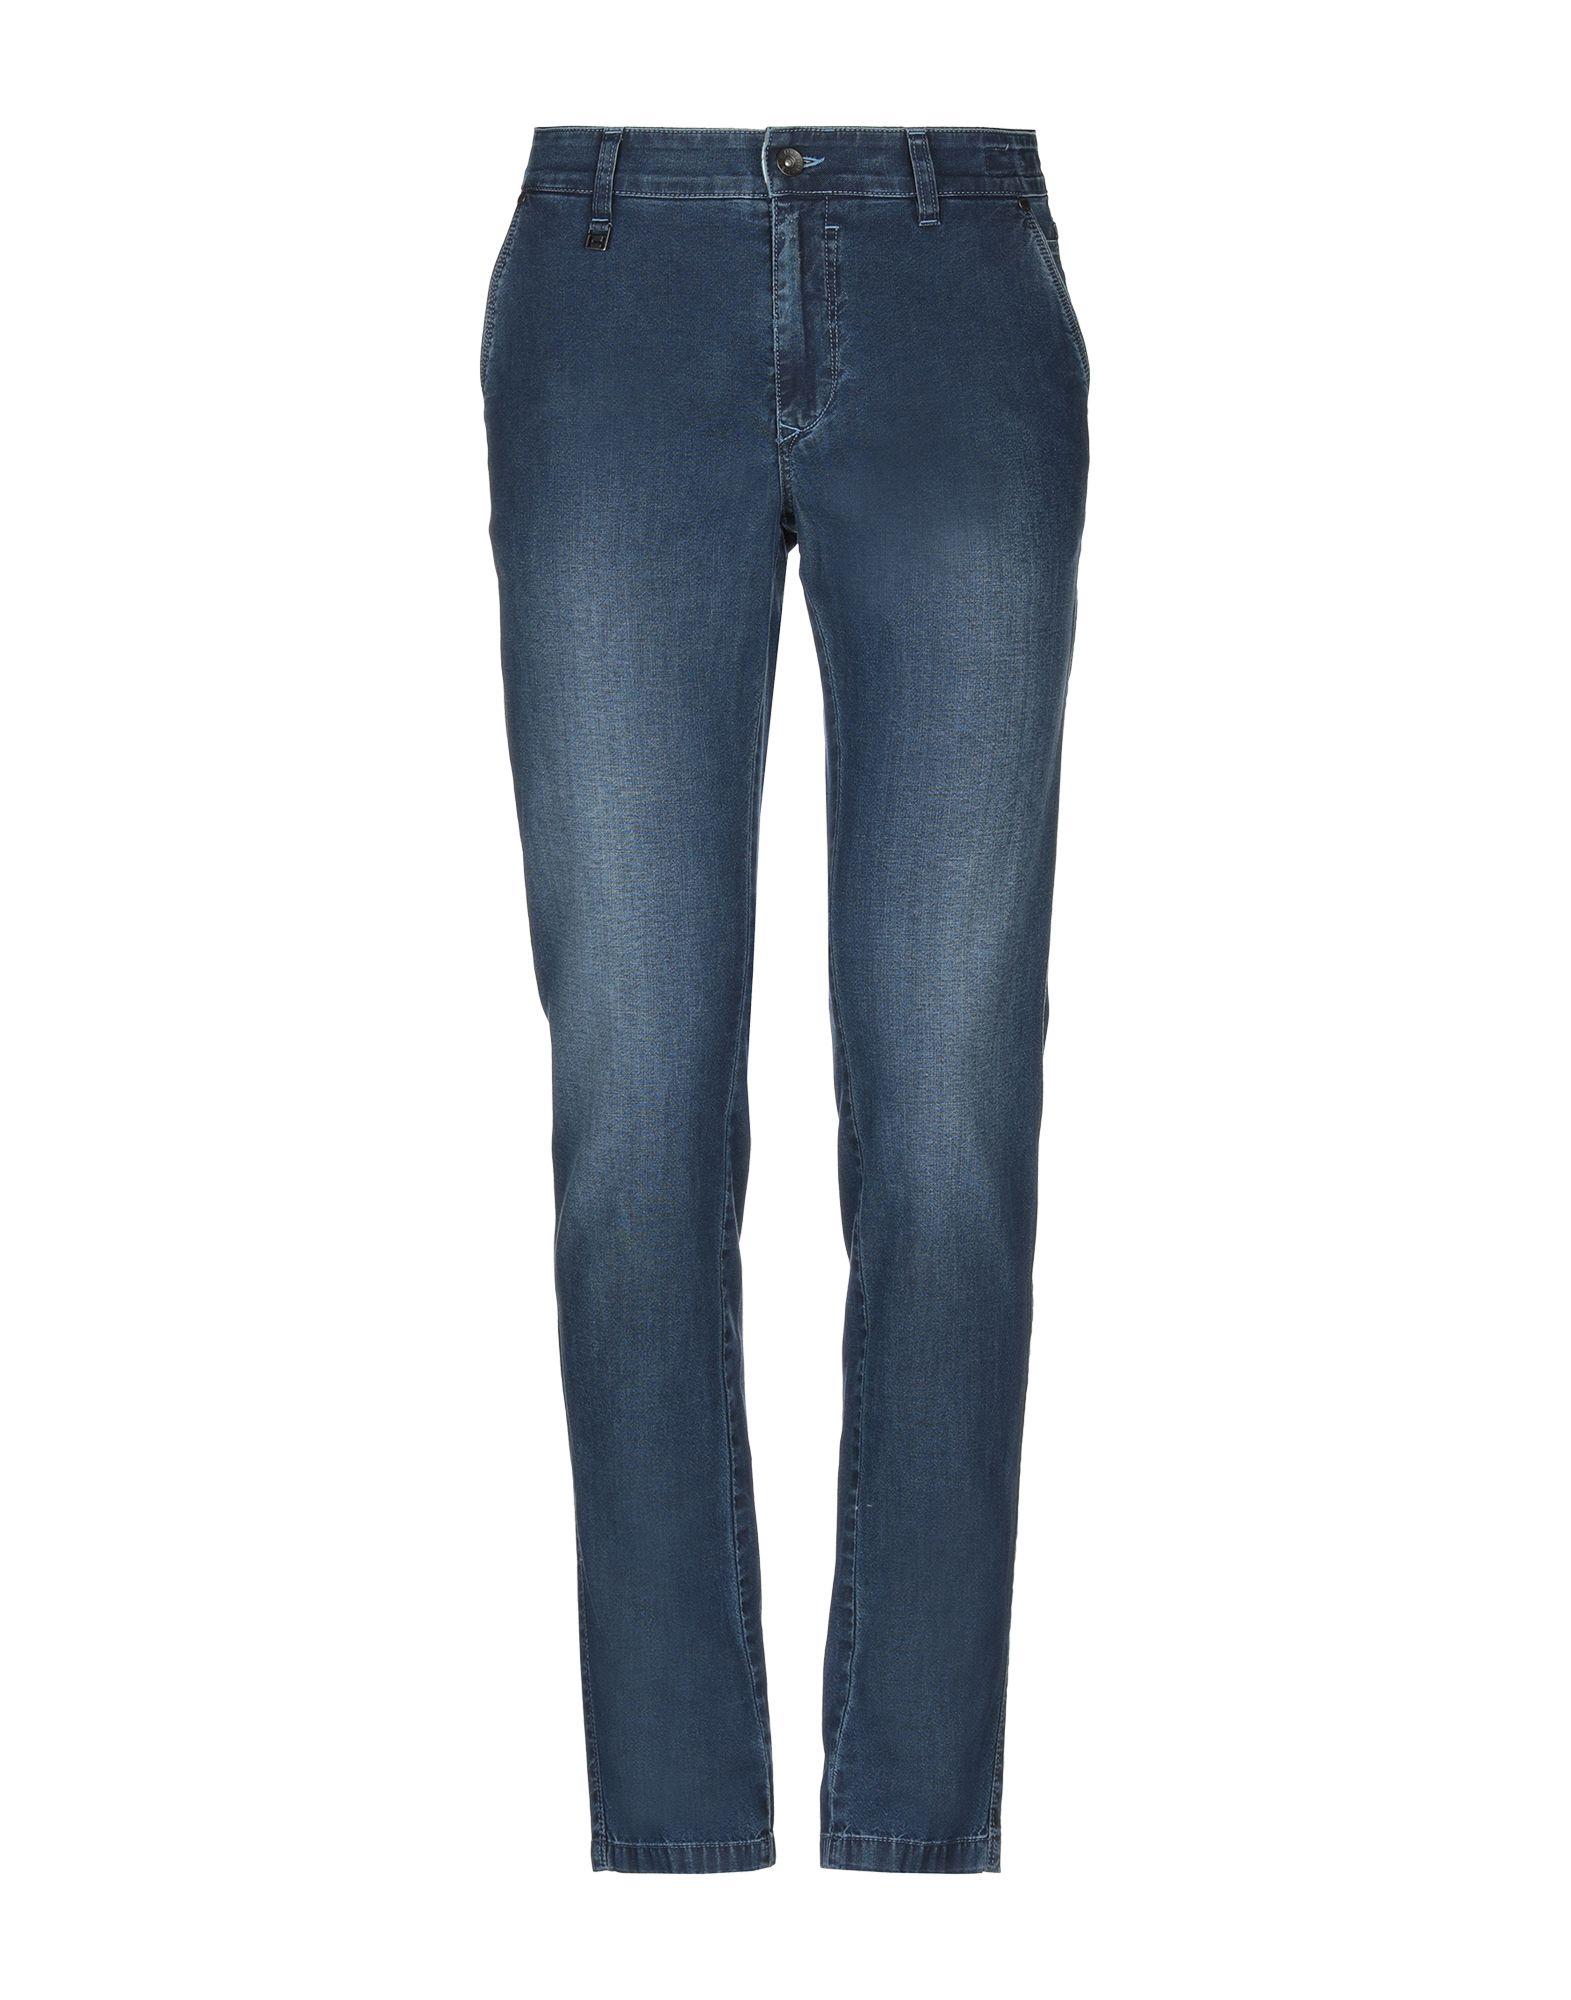 《送料無料》HEAVEN TWO メンズ ジーンズ ブルー 31 コットン 100%